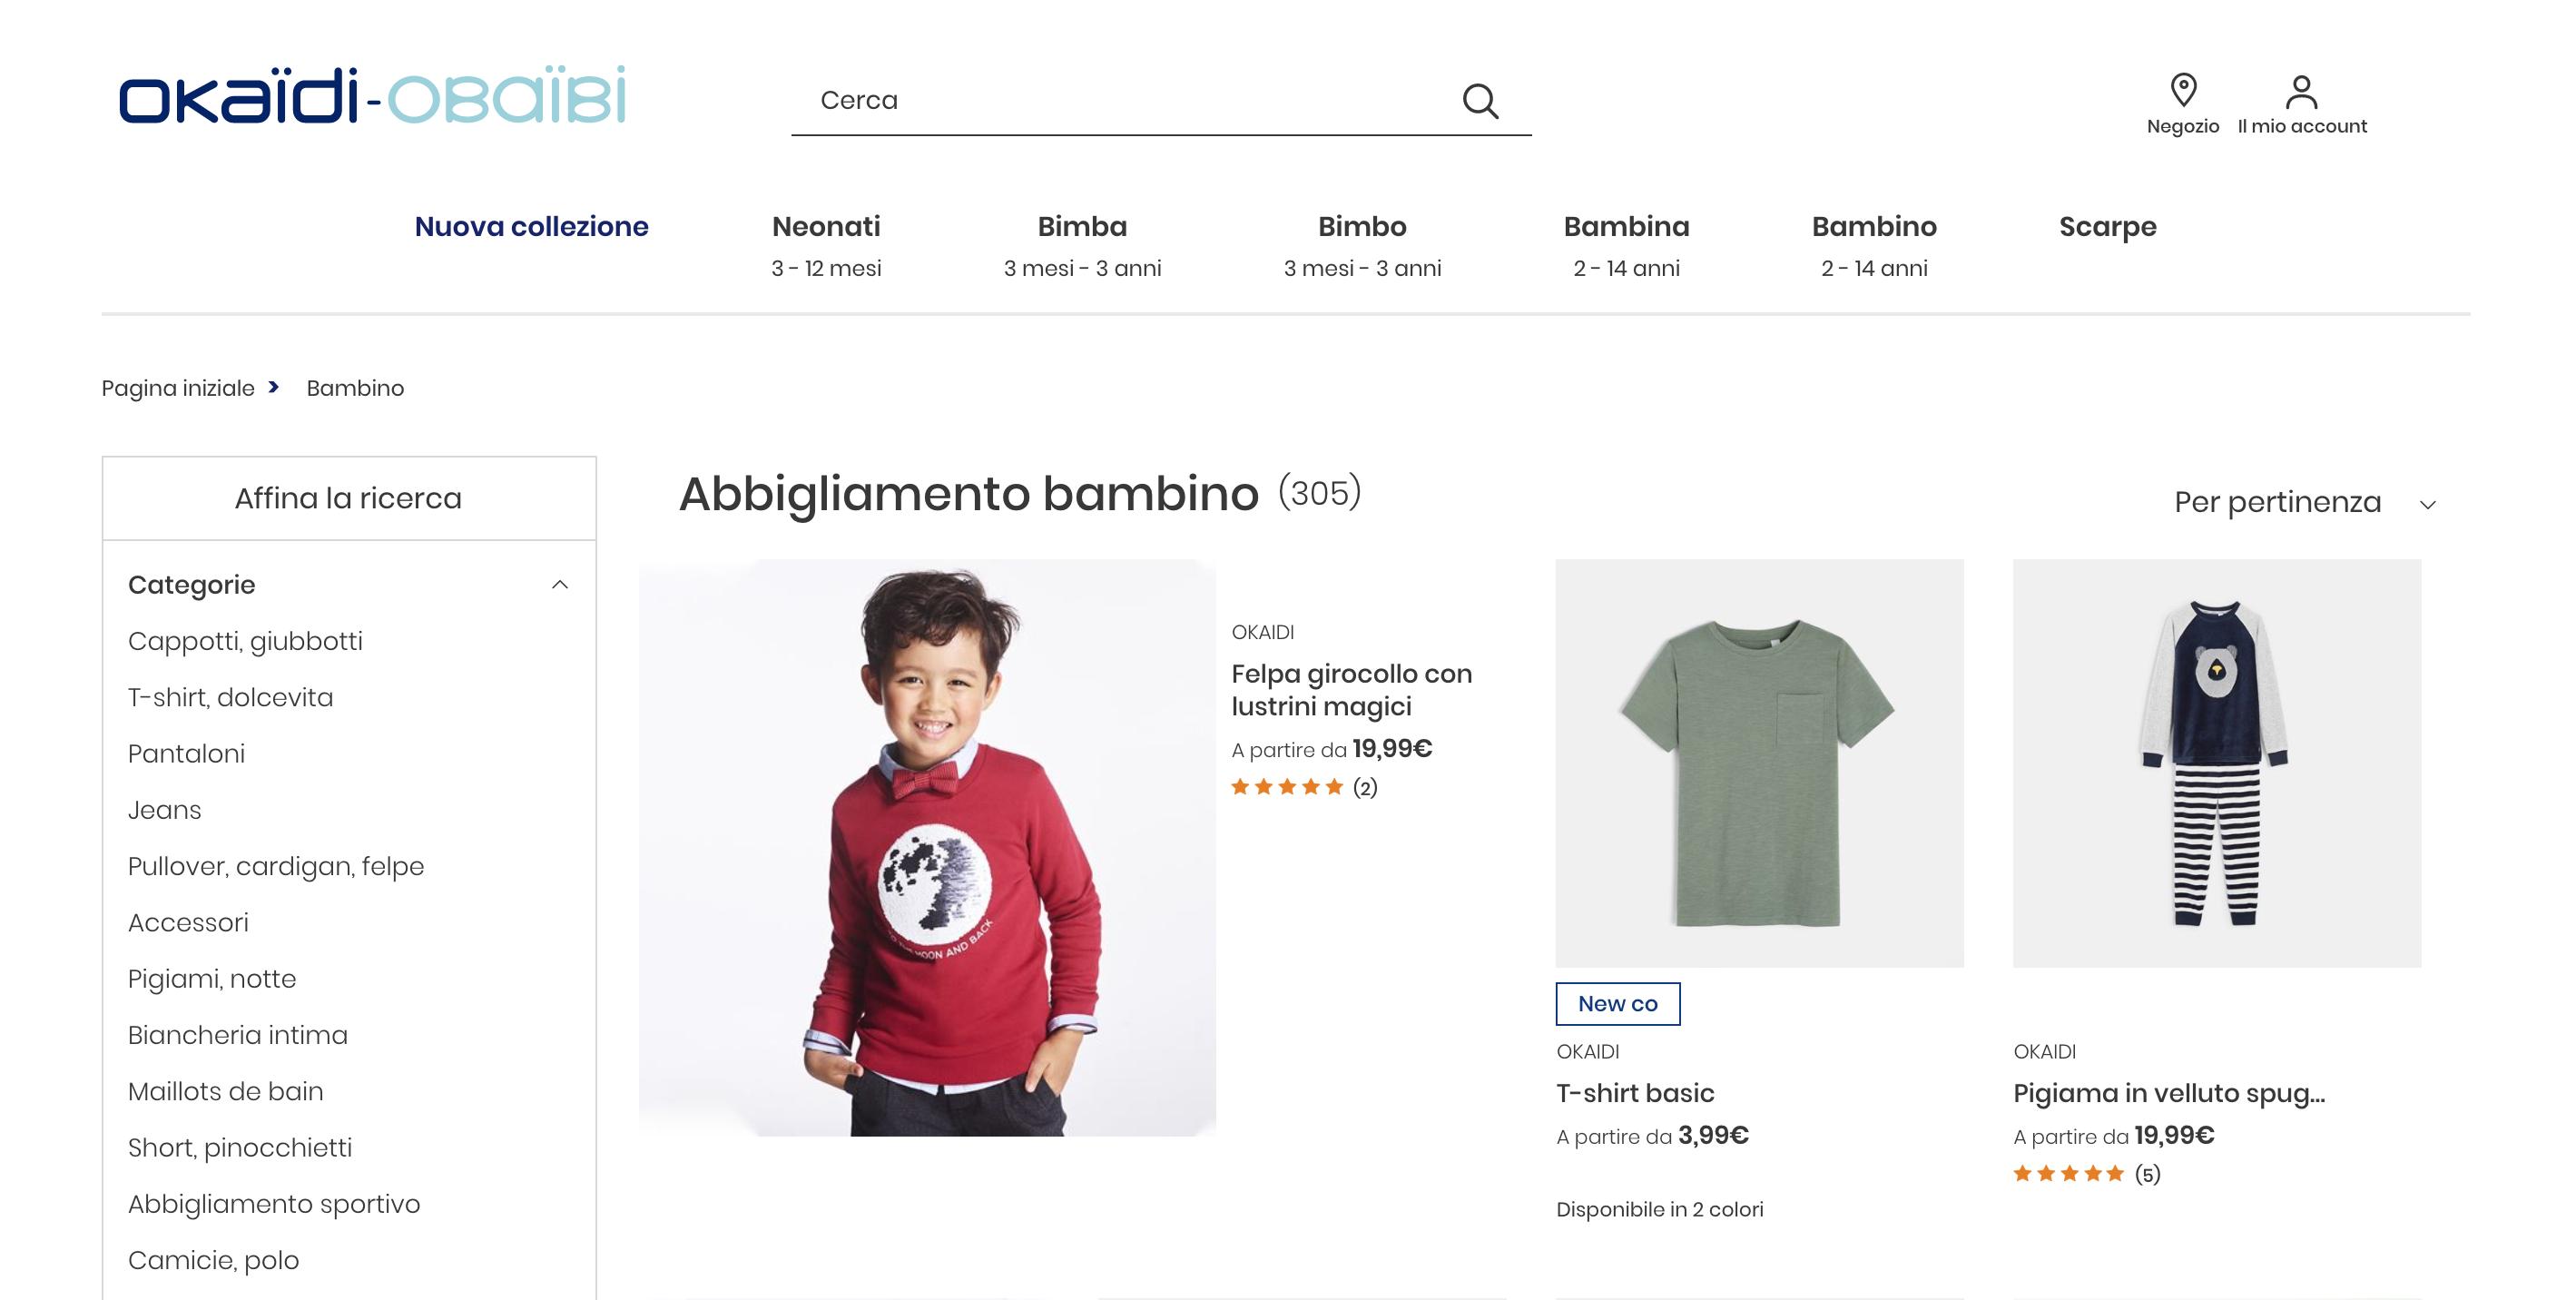 Okaidi abbigliamento bambini